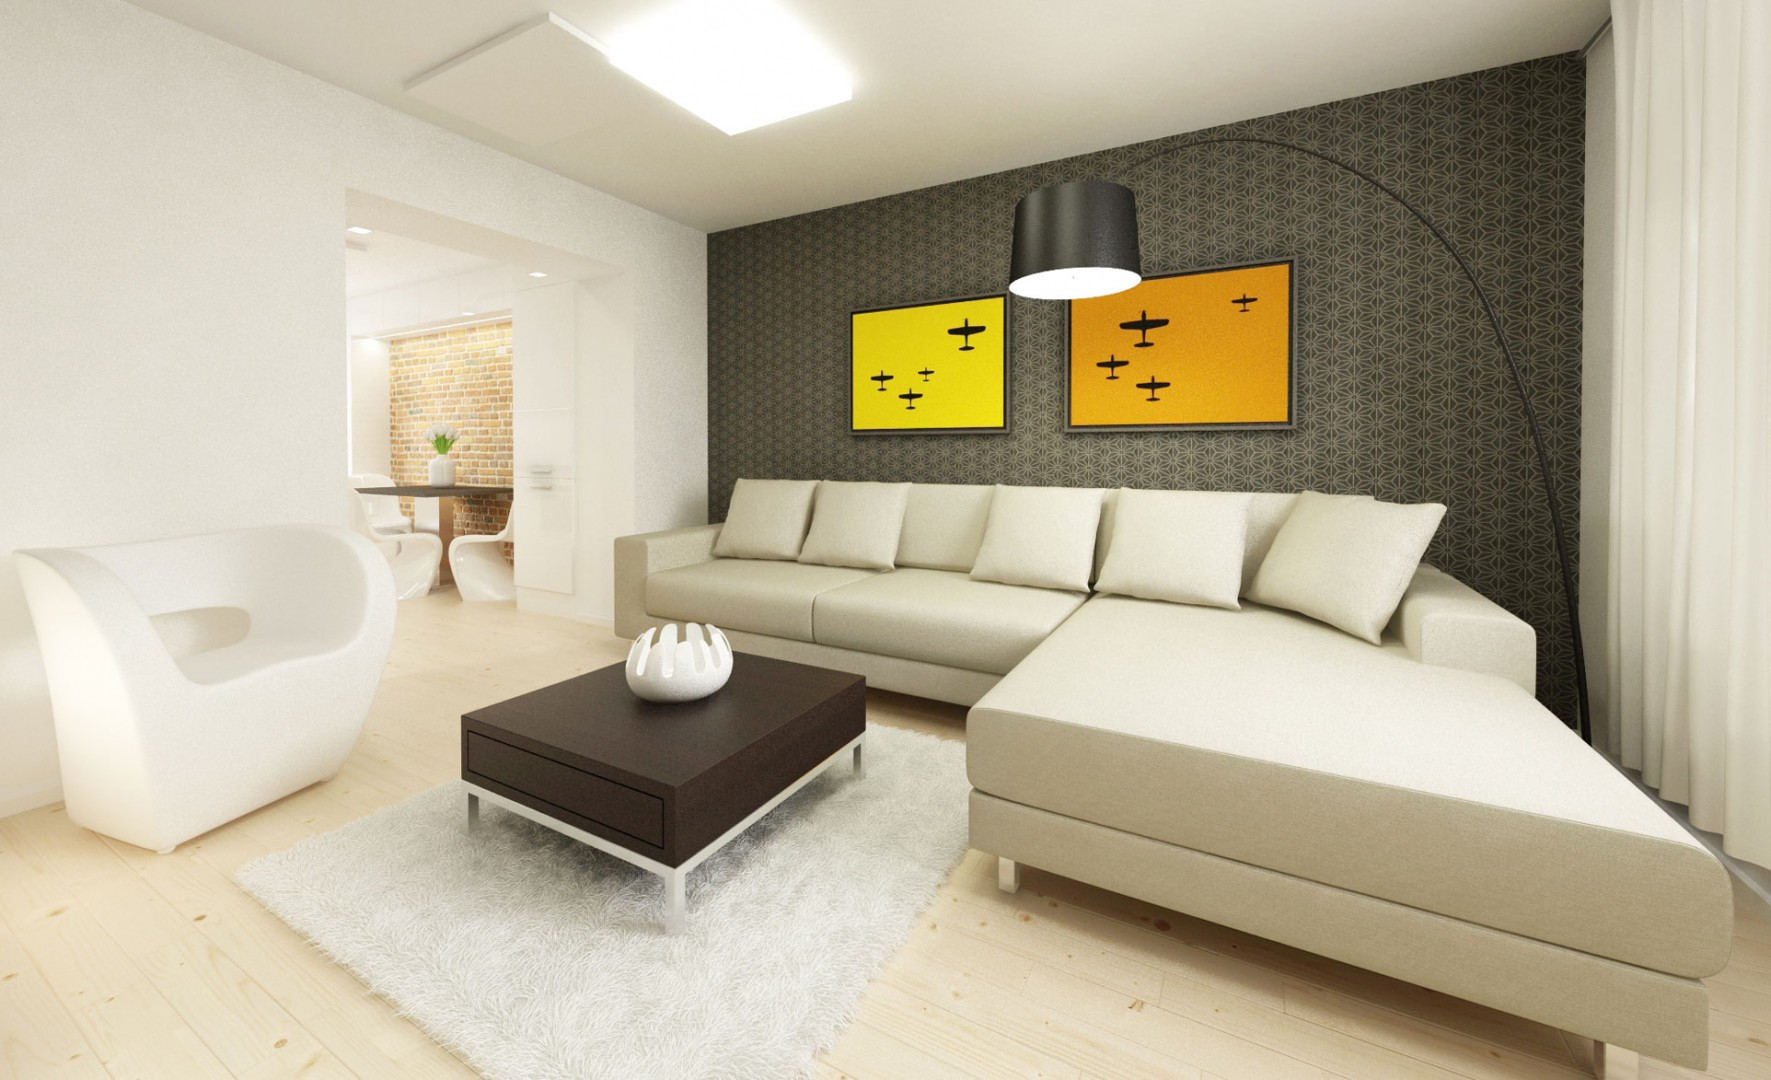 návrh interiéru bytu - obývačka